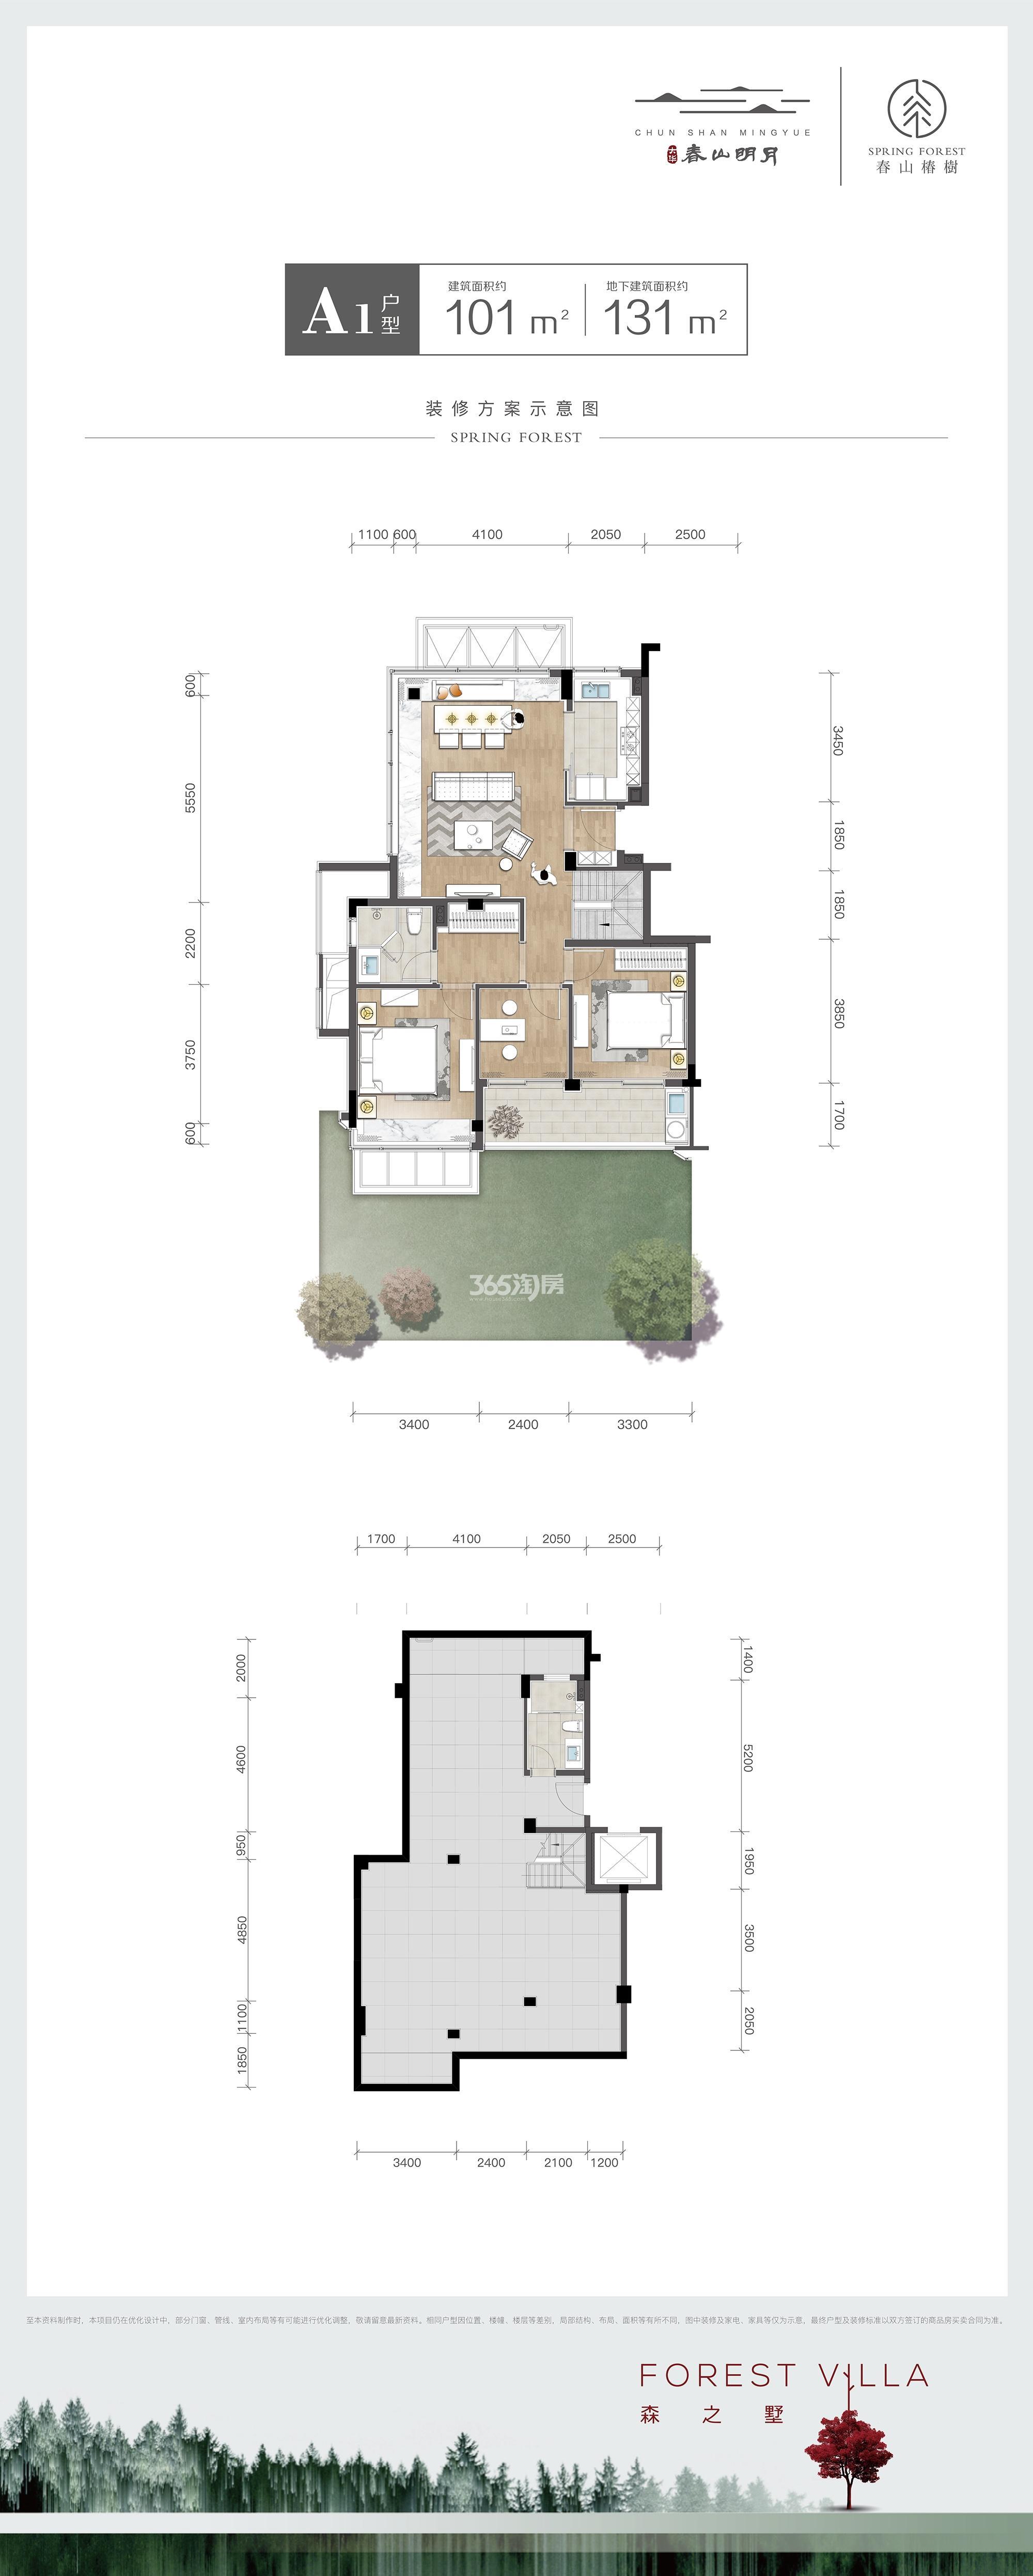 大华春山椿树A1户型101方(地下131方)